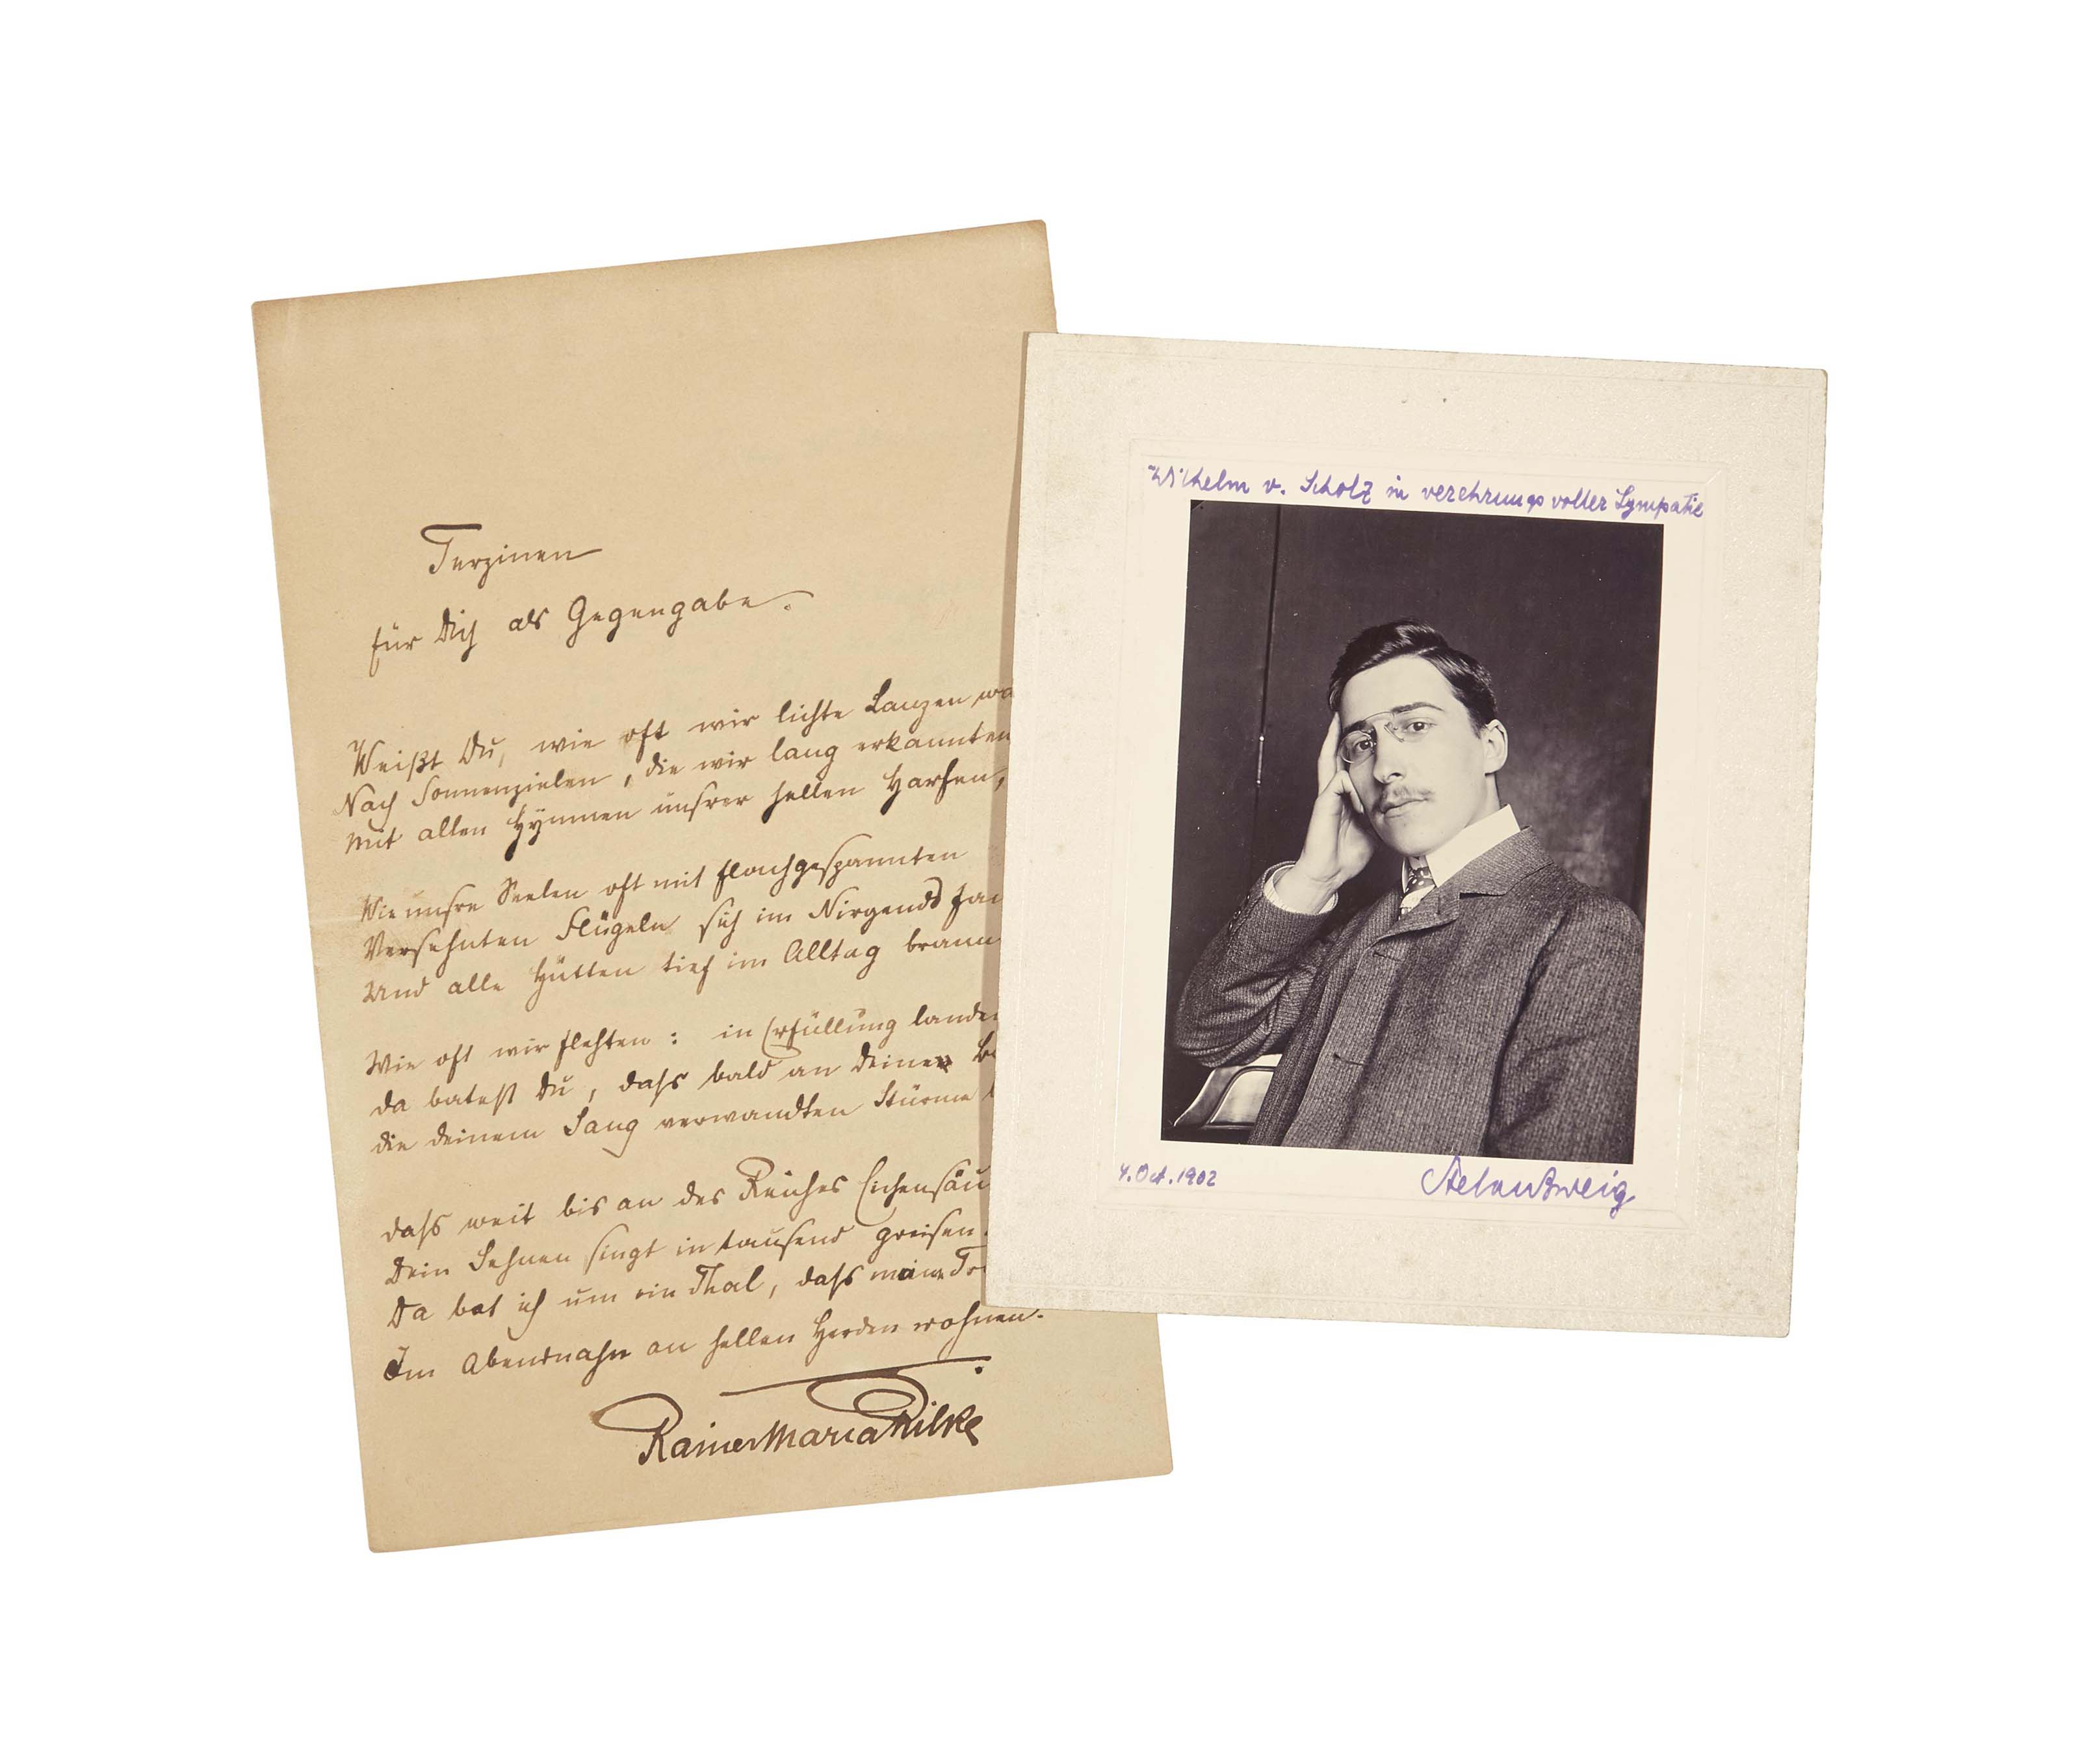 """RILKE, Rainer Maria (1875-1926). Terzine, für Dich als Gegengabe, lettre autographe avec un long poème. 2 pages sur un double feuillet in-8 (223 x 143 mm), encre brune sur papier, située, datée et signée """"Rainer, München, am 30. September 1897""""."""